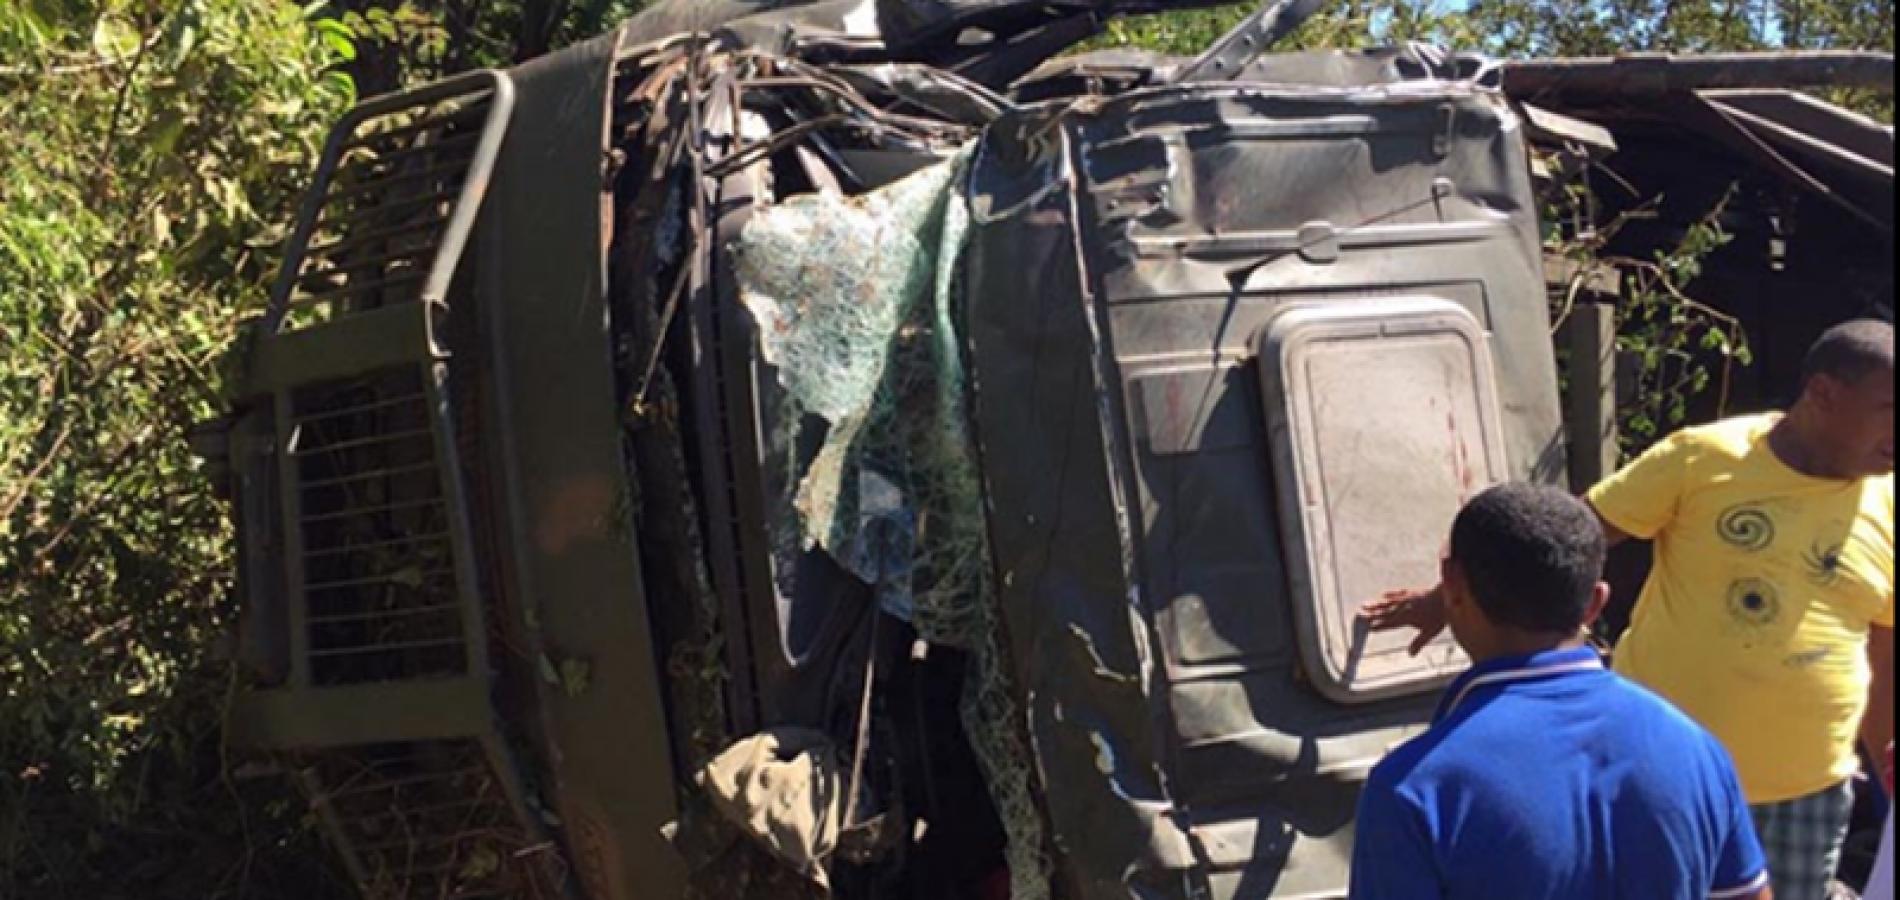 Soldado do Exército é denunciado por dirigir embriagado, matar um e ferir 25 em comboio